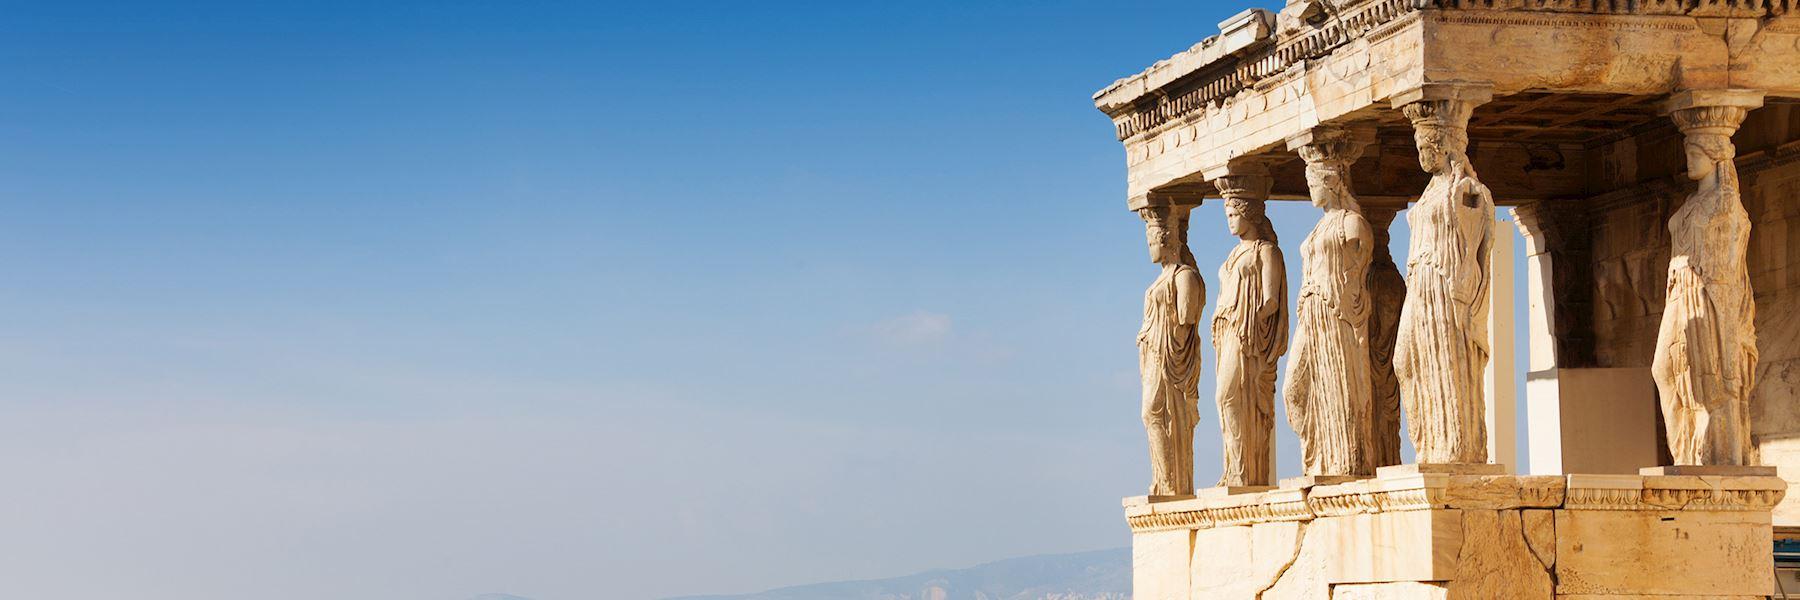 Greece holidays  2019 & 2020